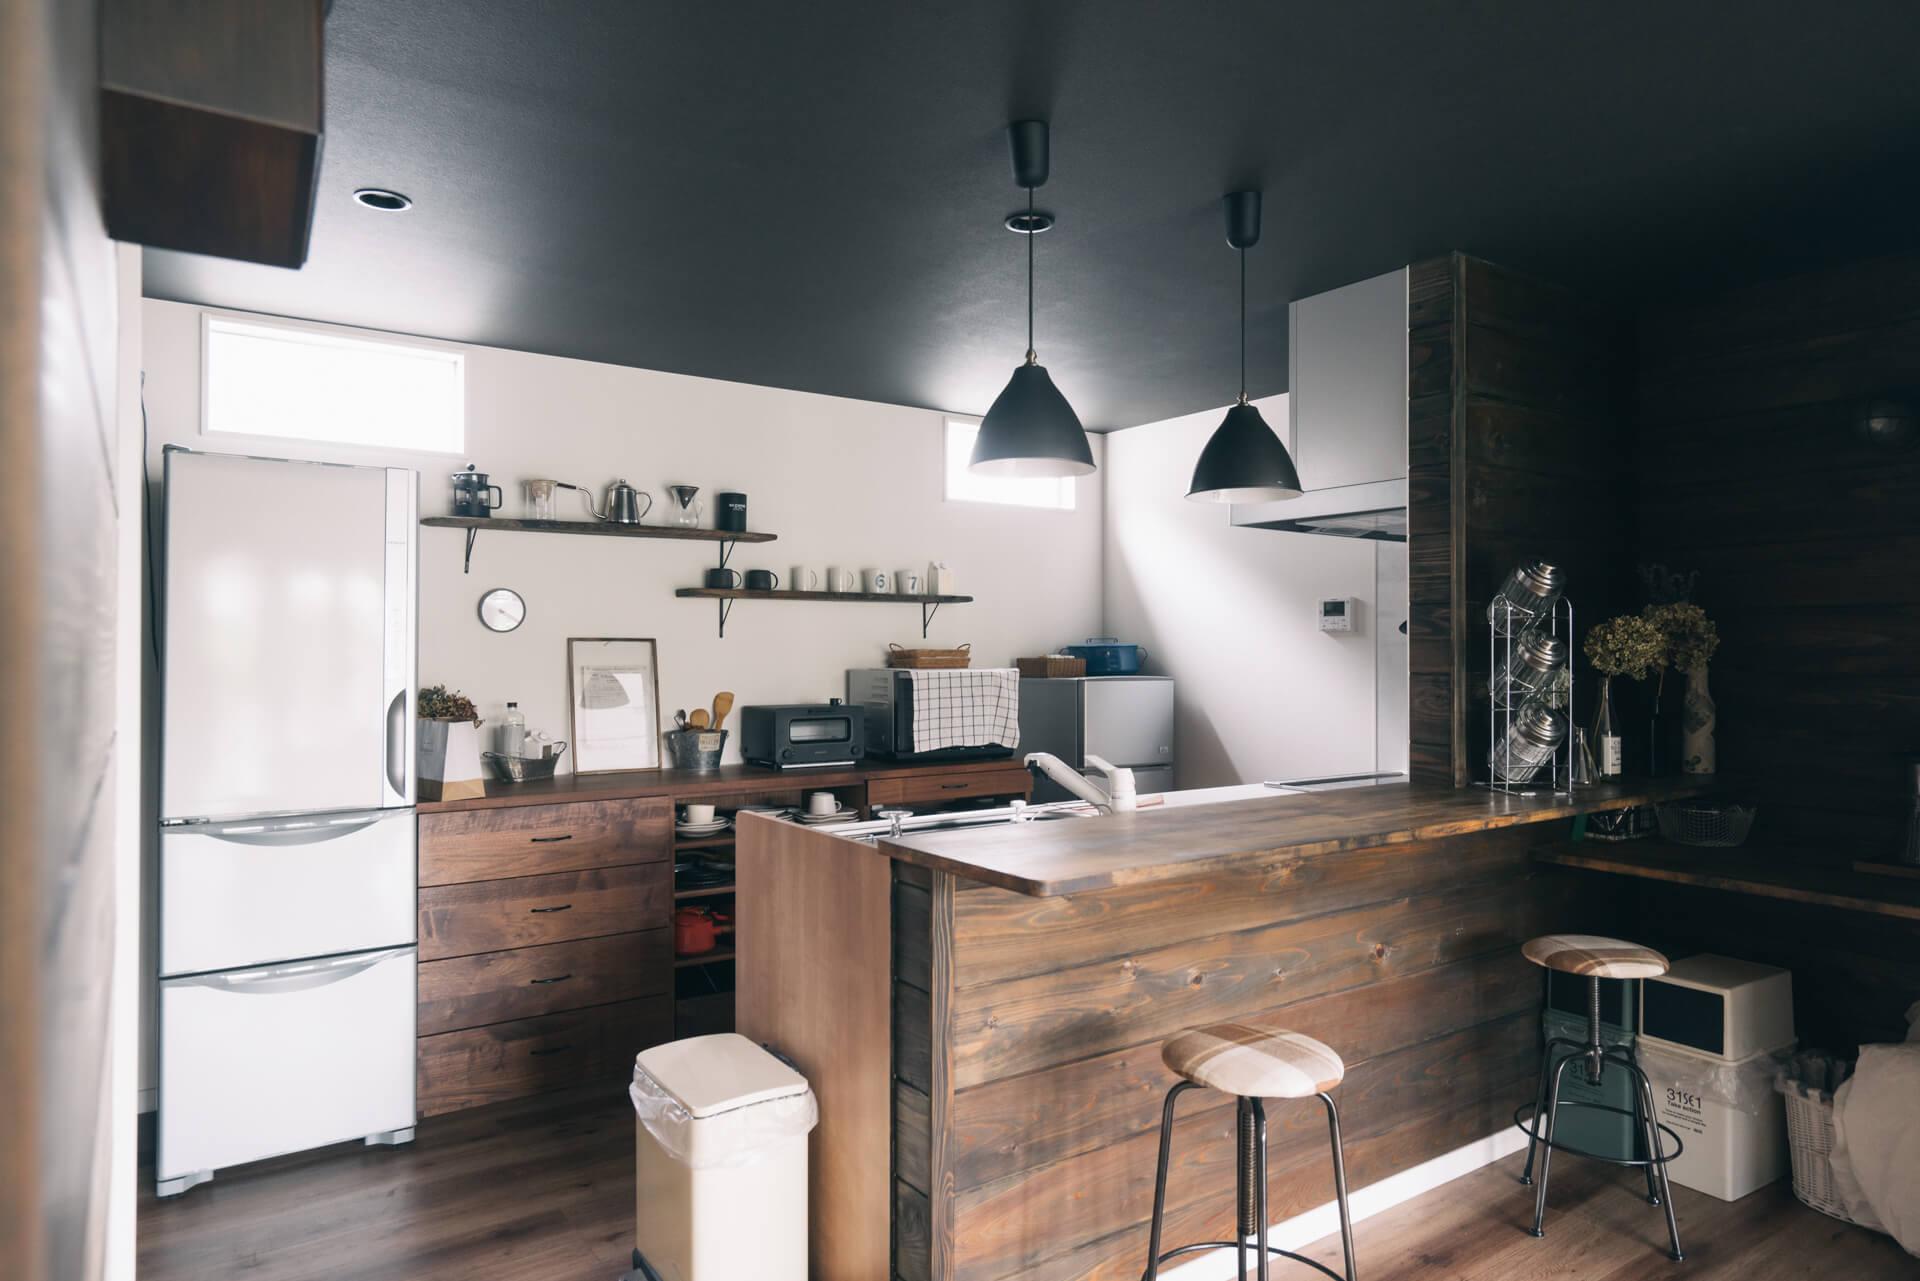 作り付けのカウンターキッチンに合わせて、キッチン背面の収納を購入。雰囲気がぴったりで、とても整った印象です。